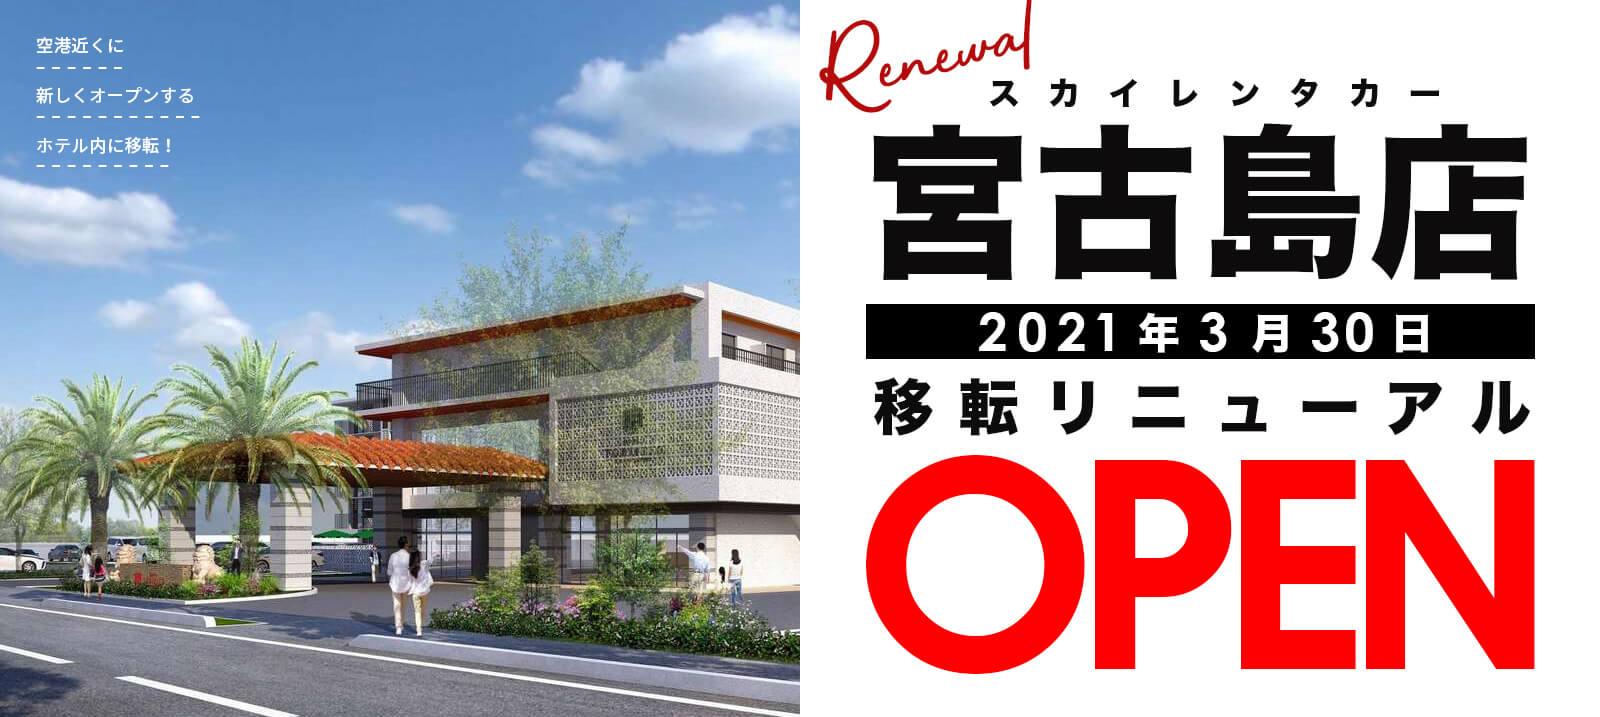 スカイレンタカー宮古島店が2021年3月30日 移転リニューアルオープン!